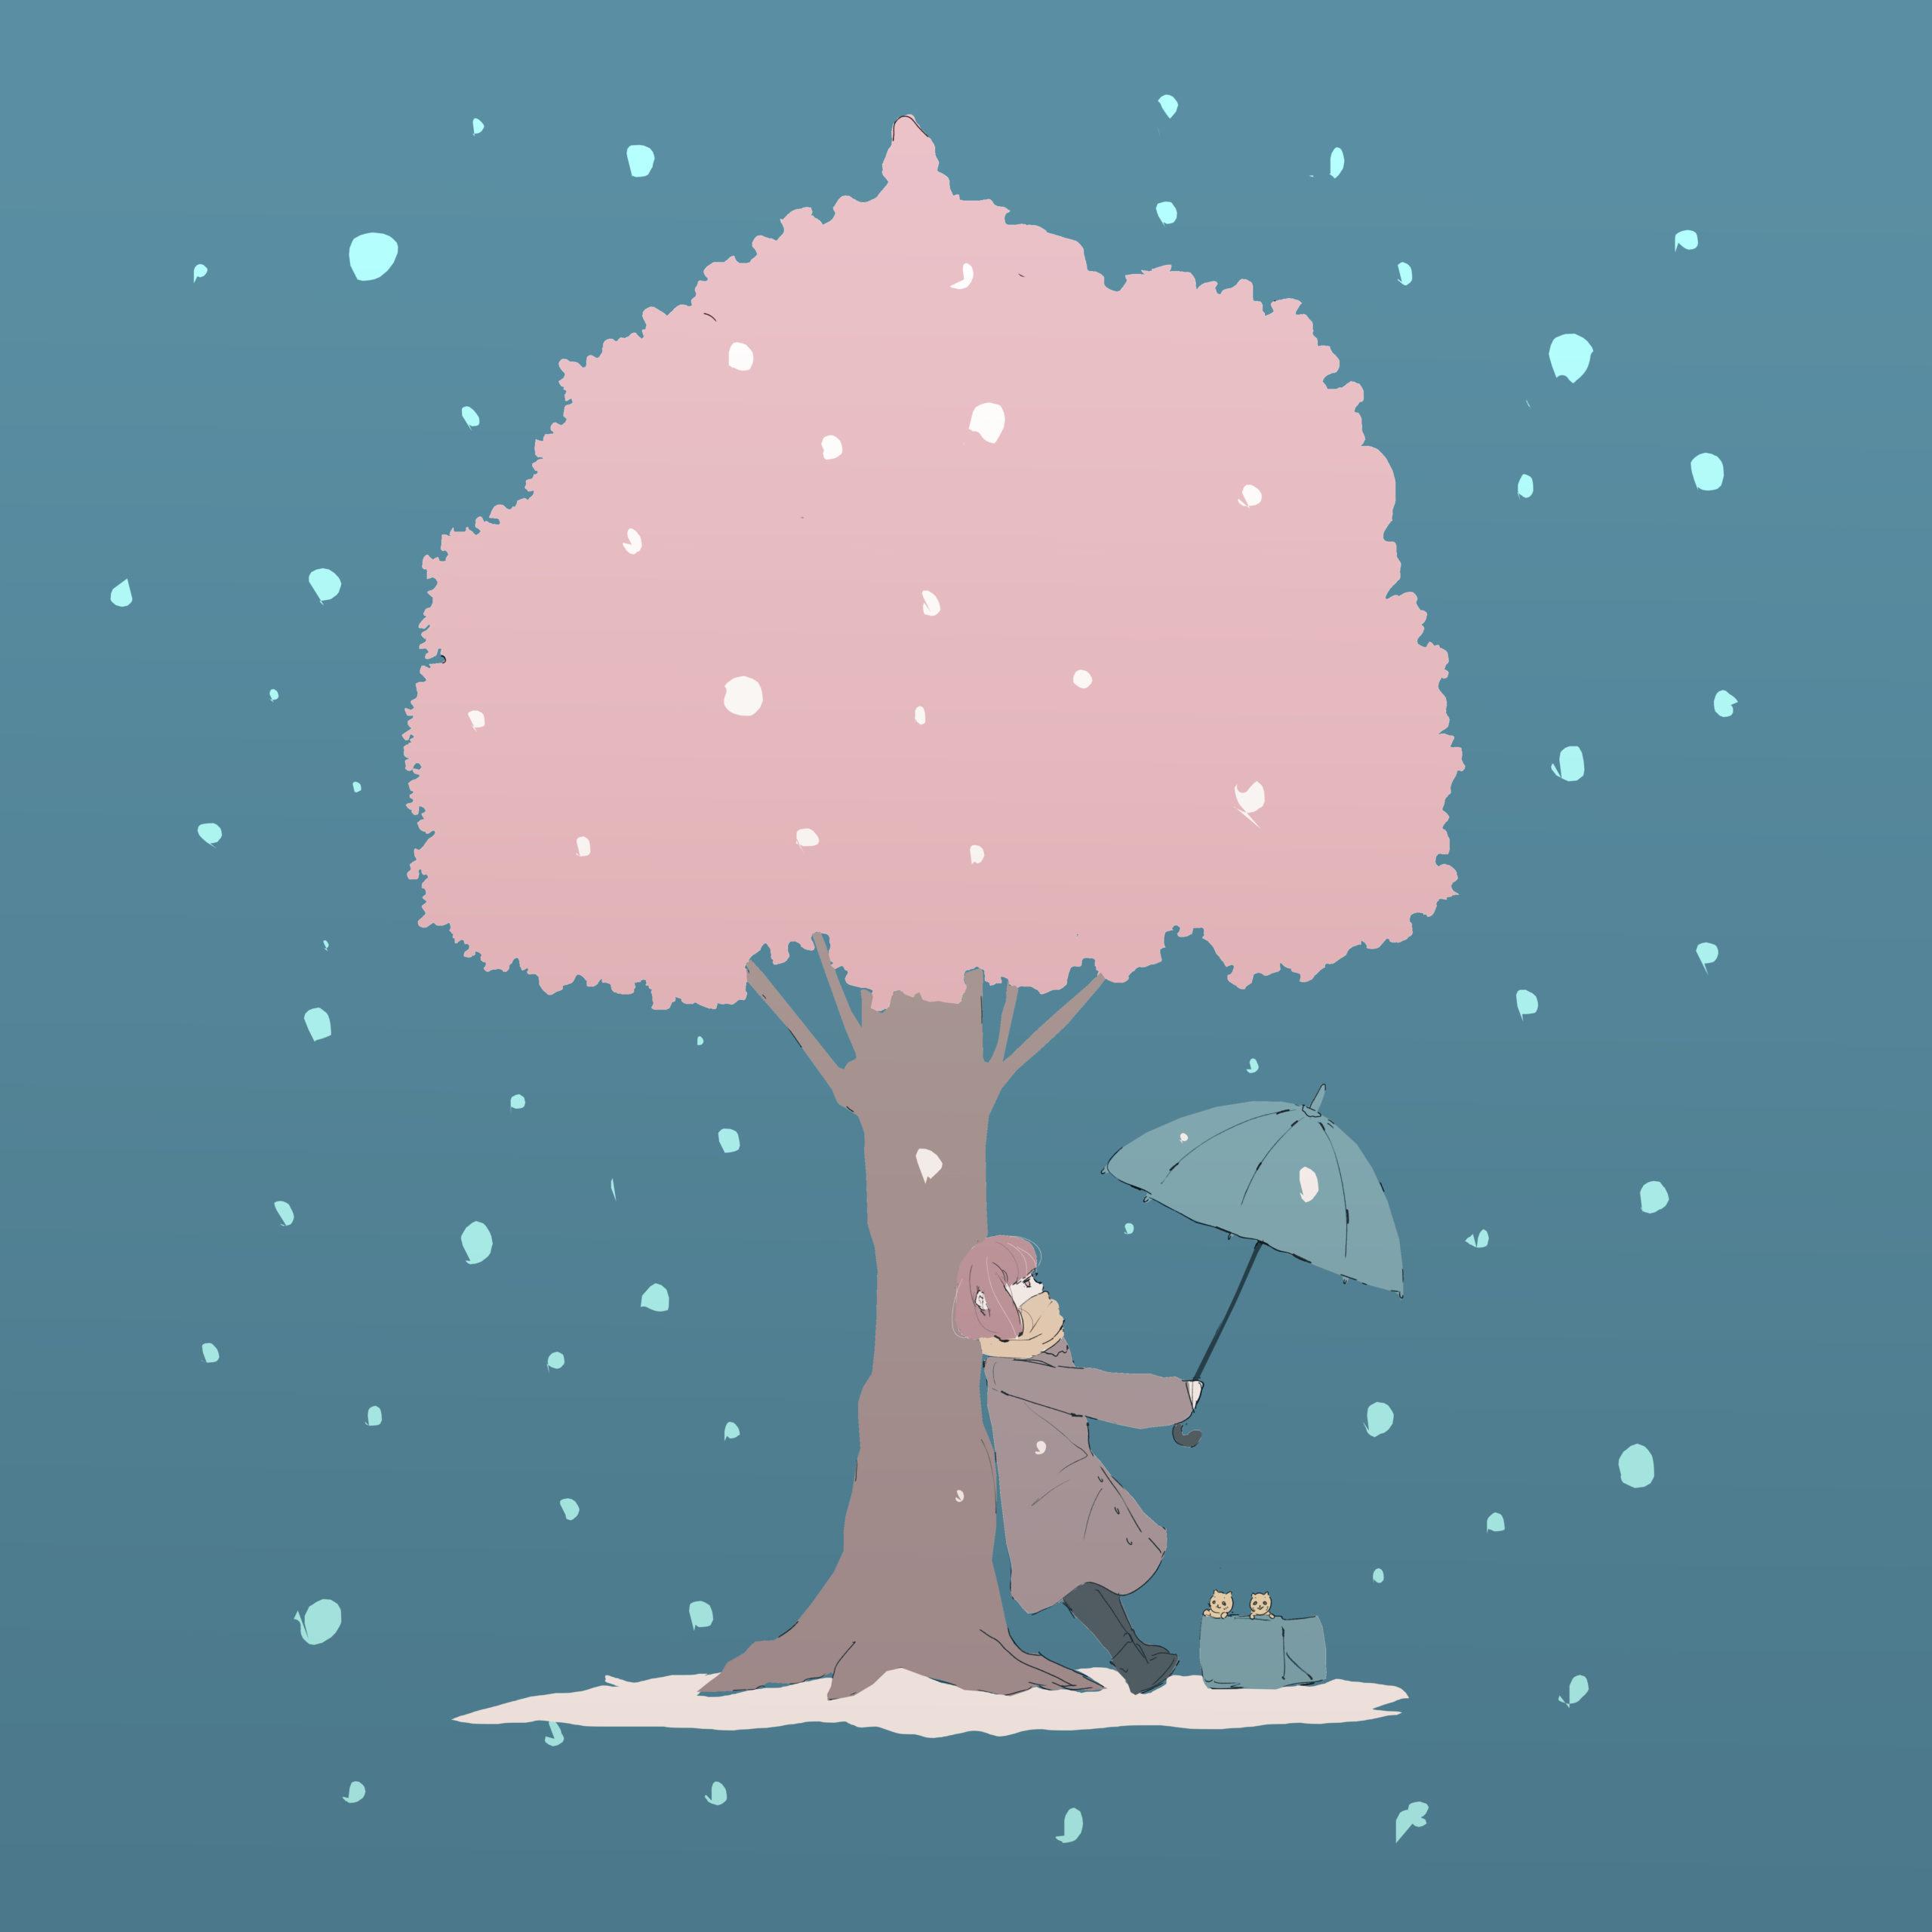 雪の中咲き誇る桜と女の子のイラスト